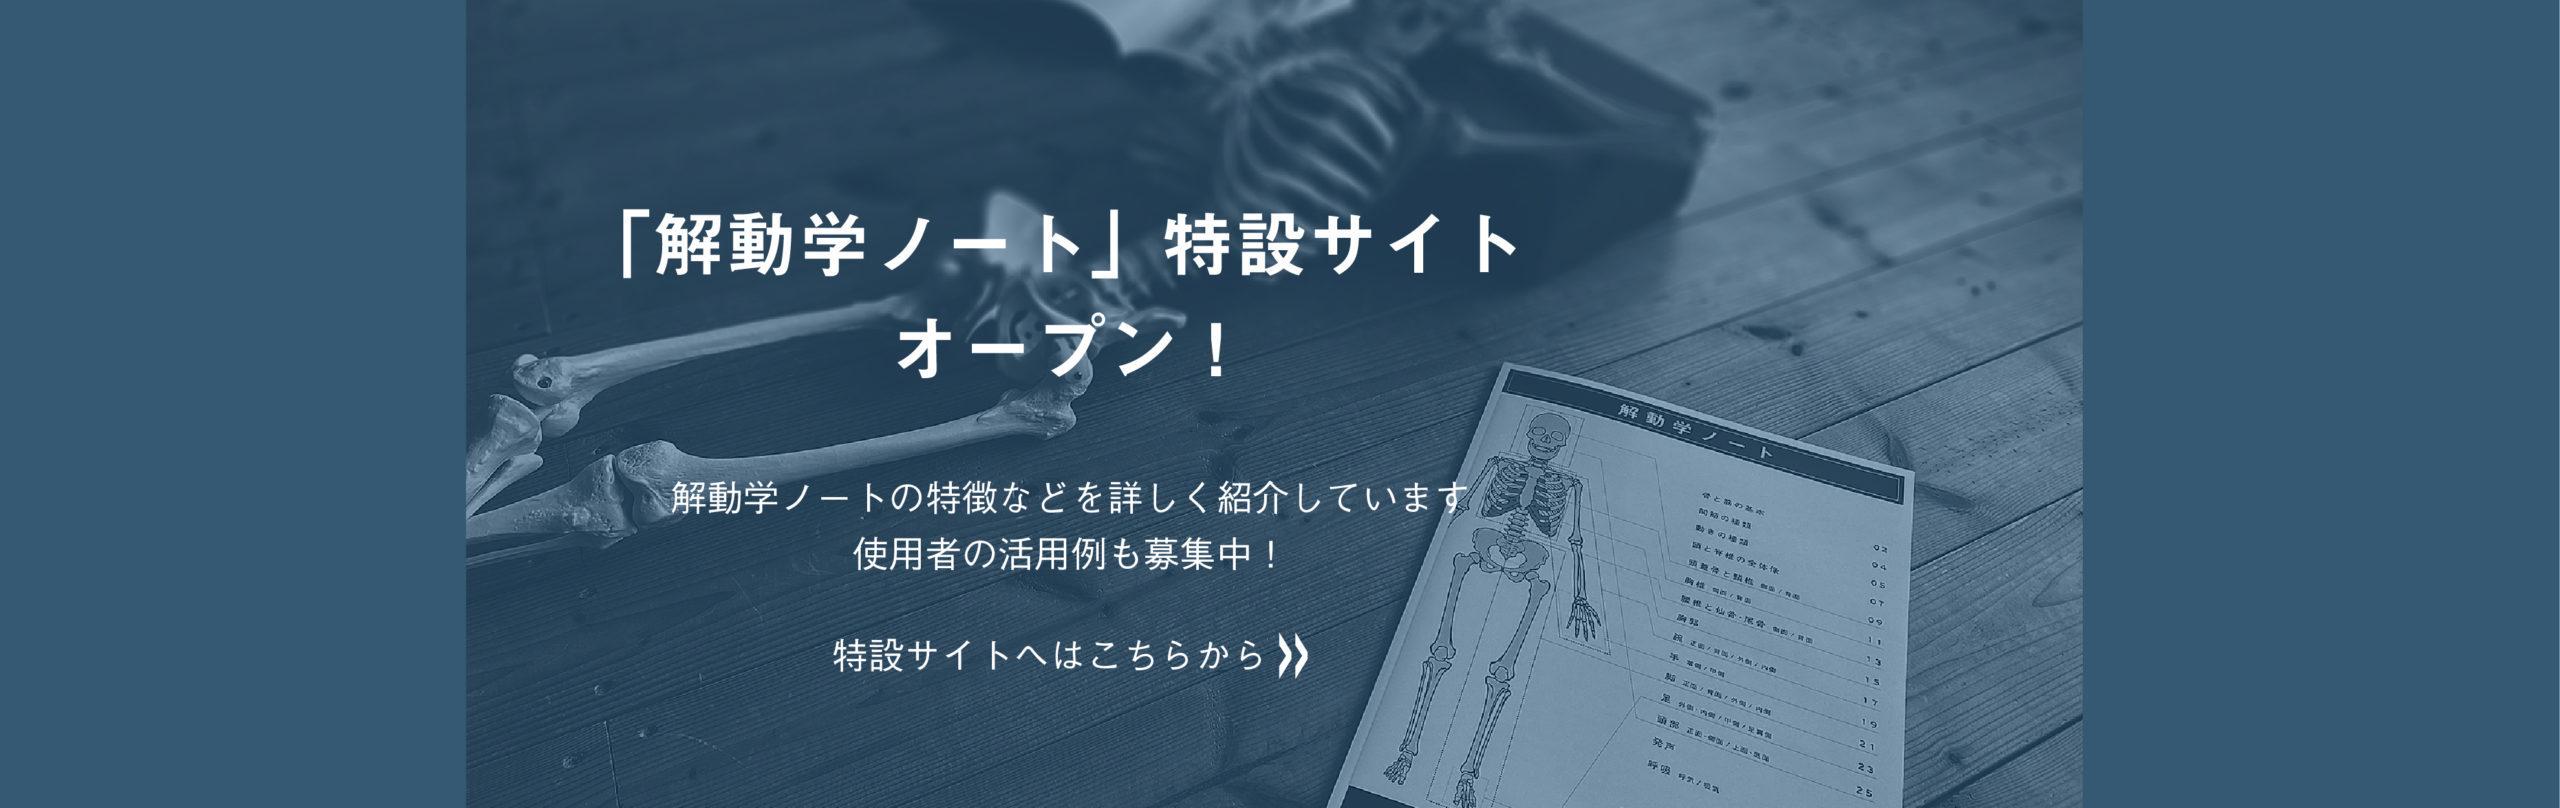 解動学ノートの特設サイトがオープン